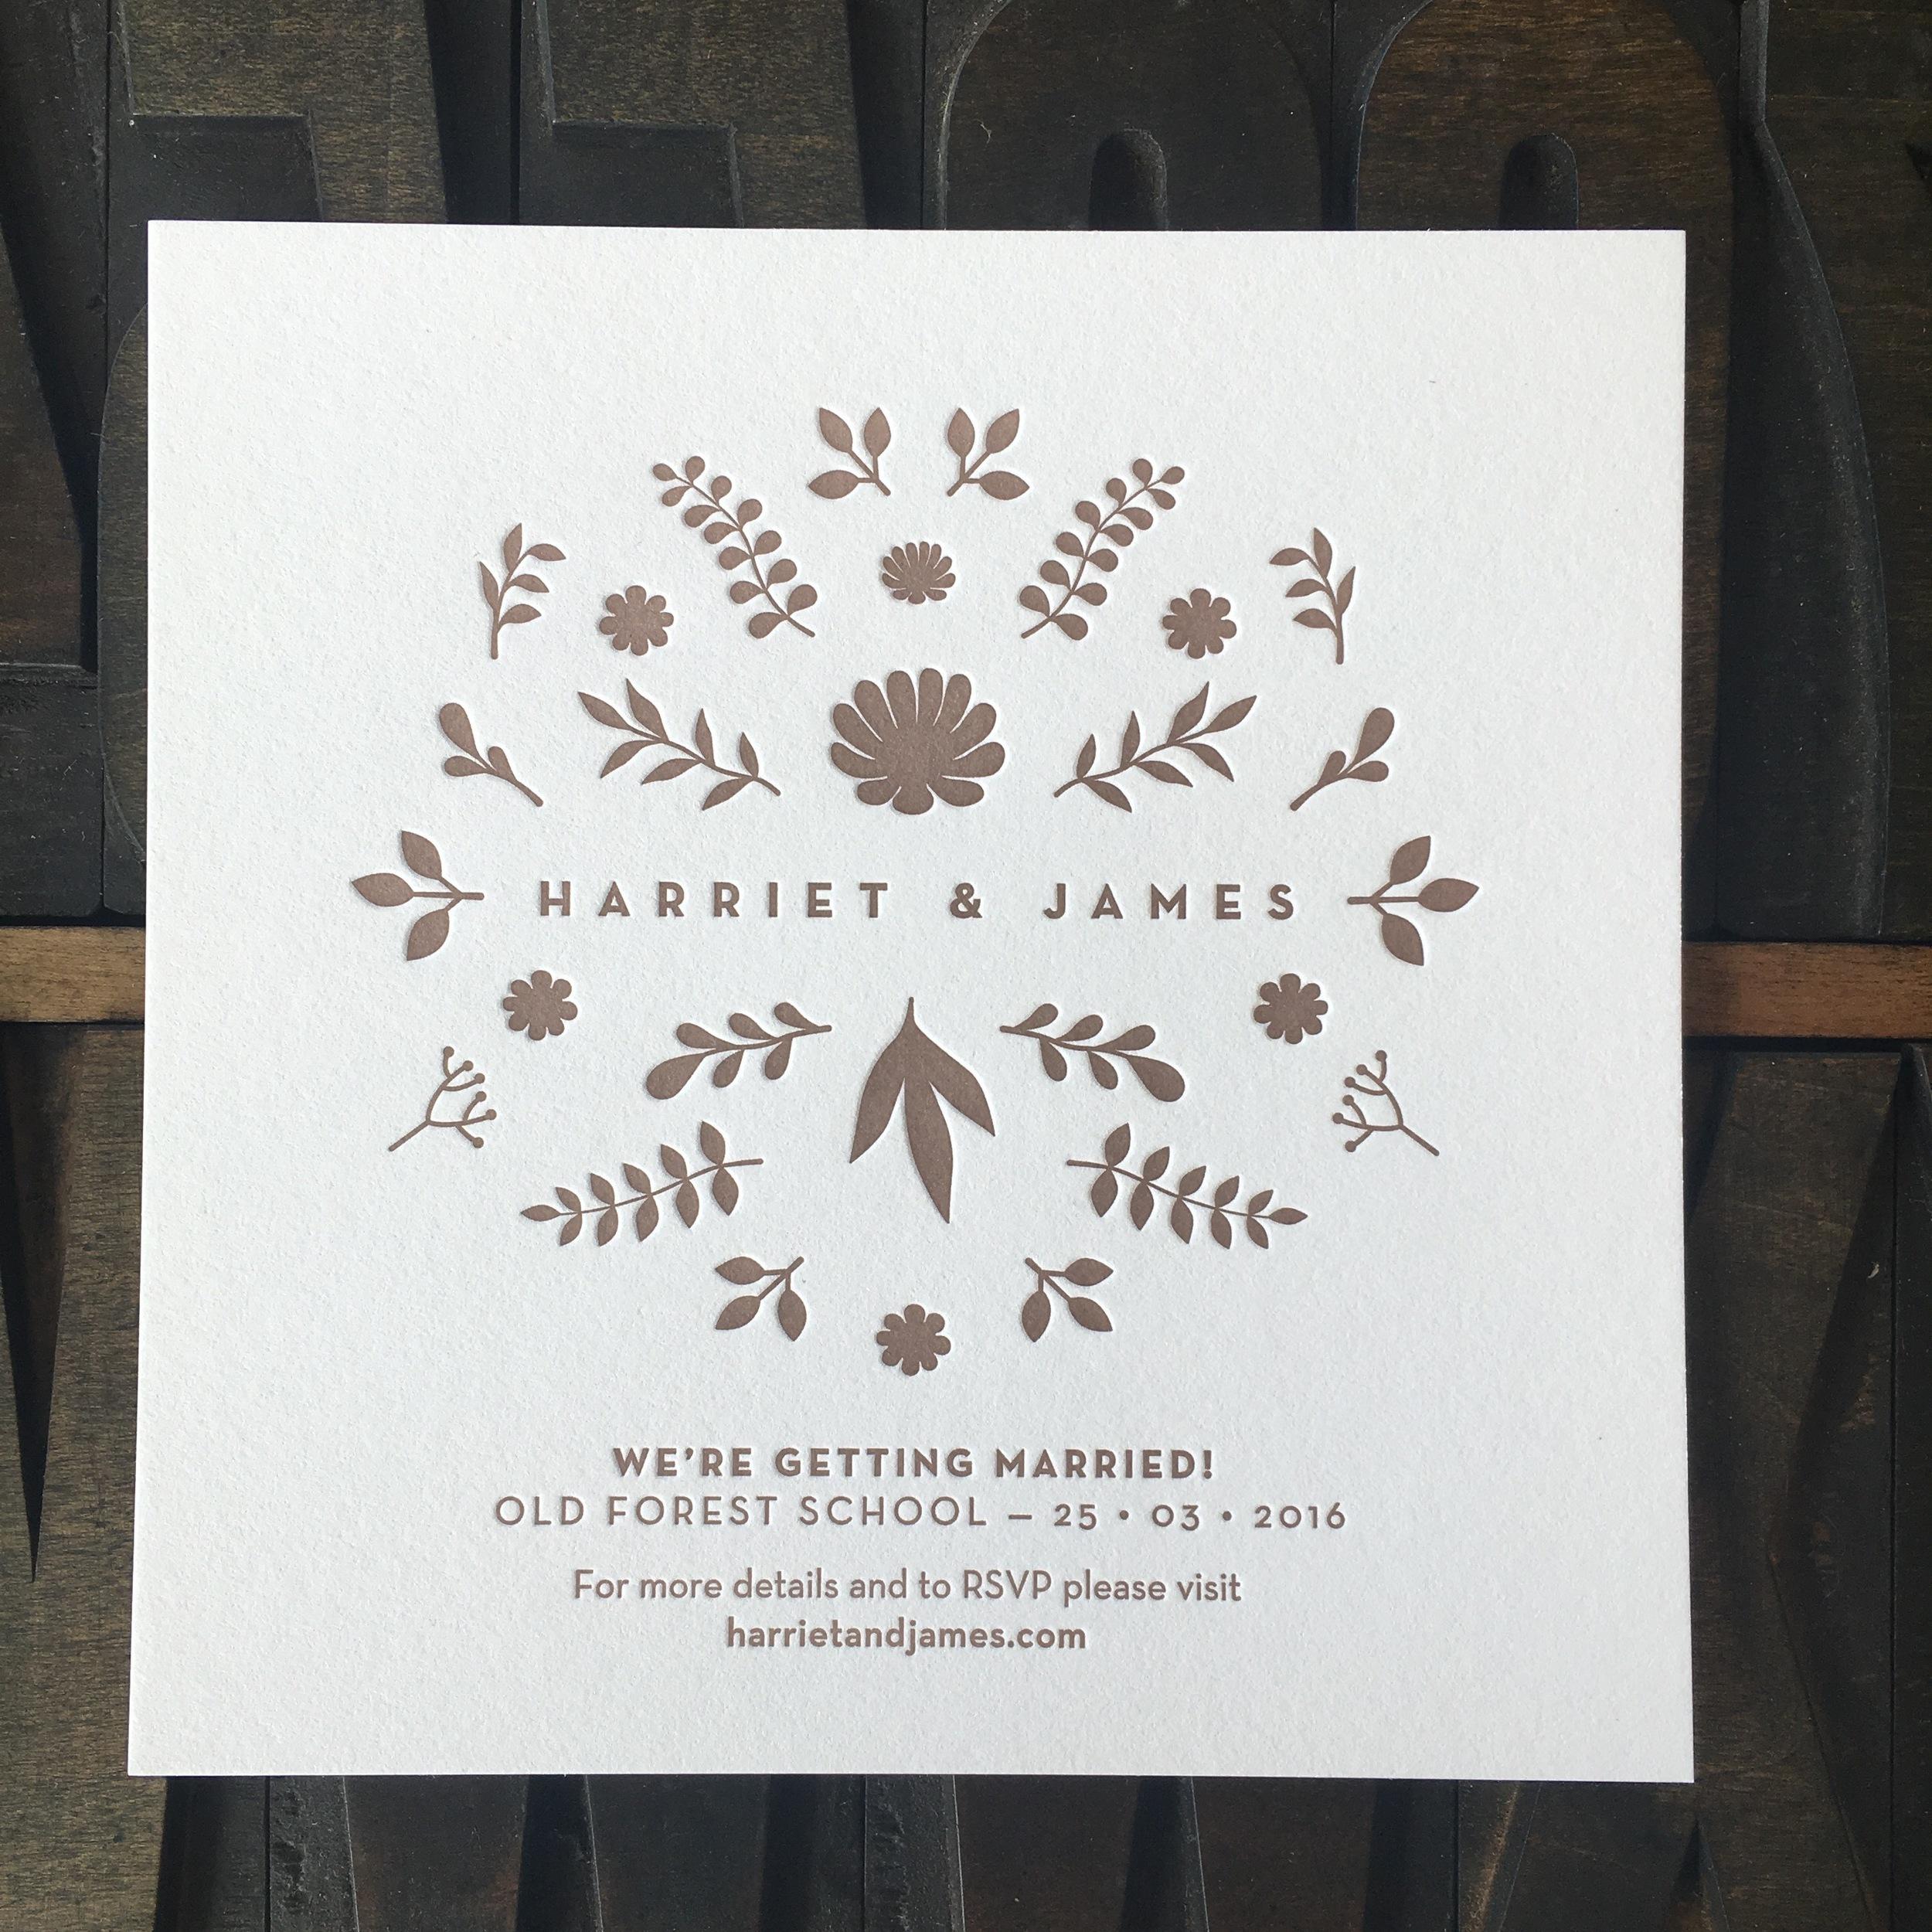 Harriet & James